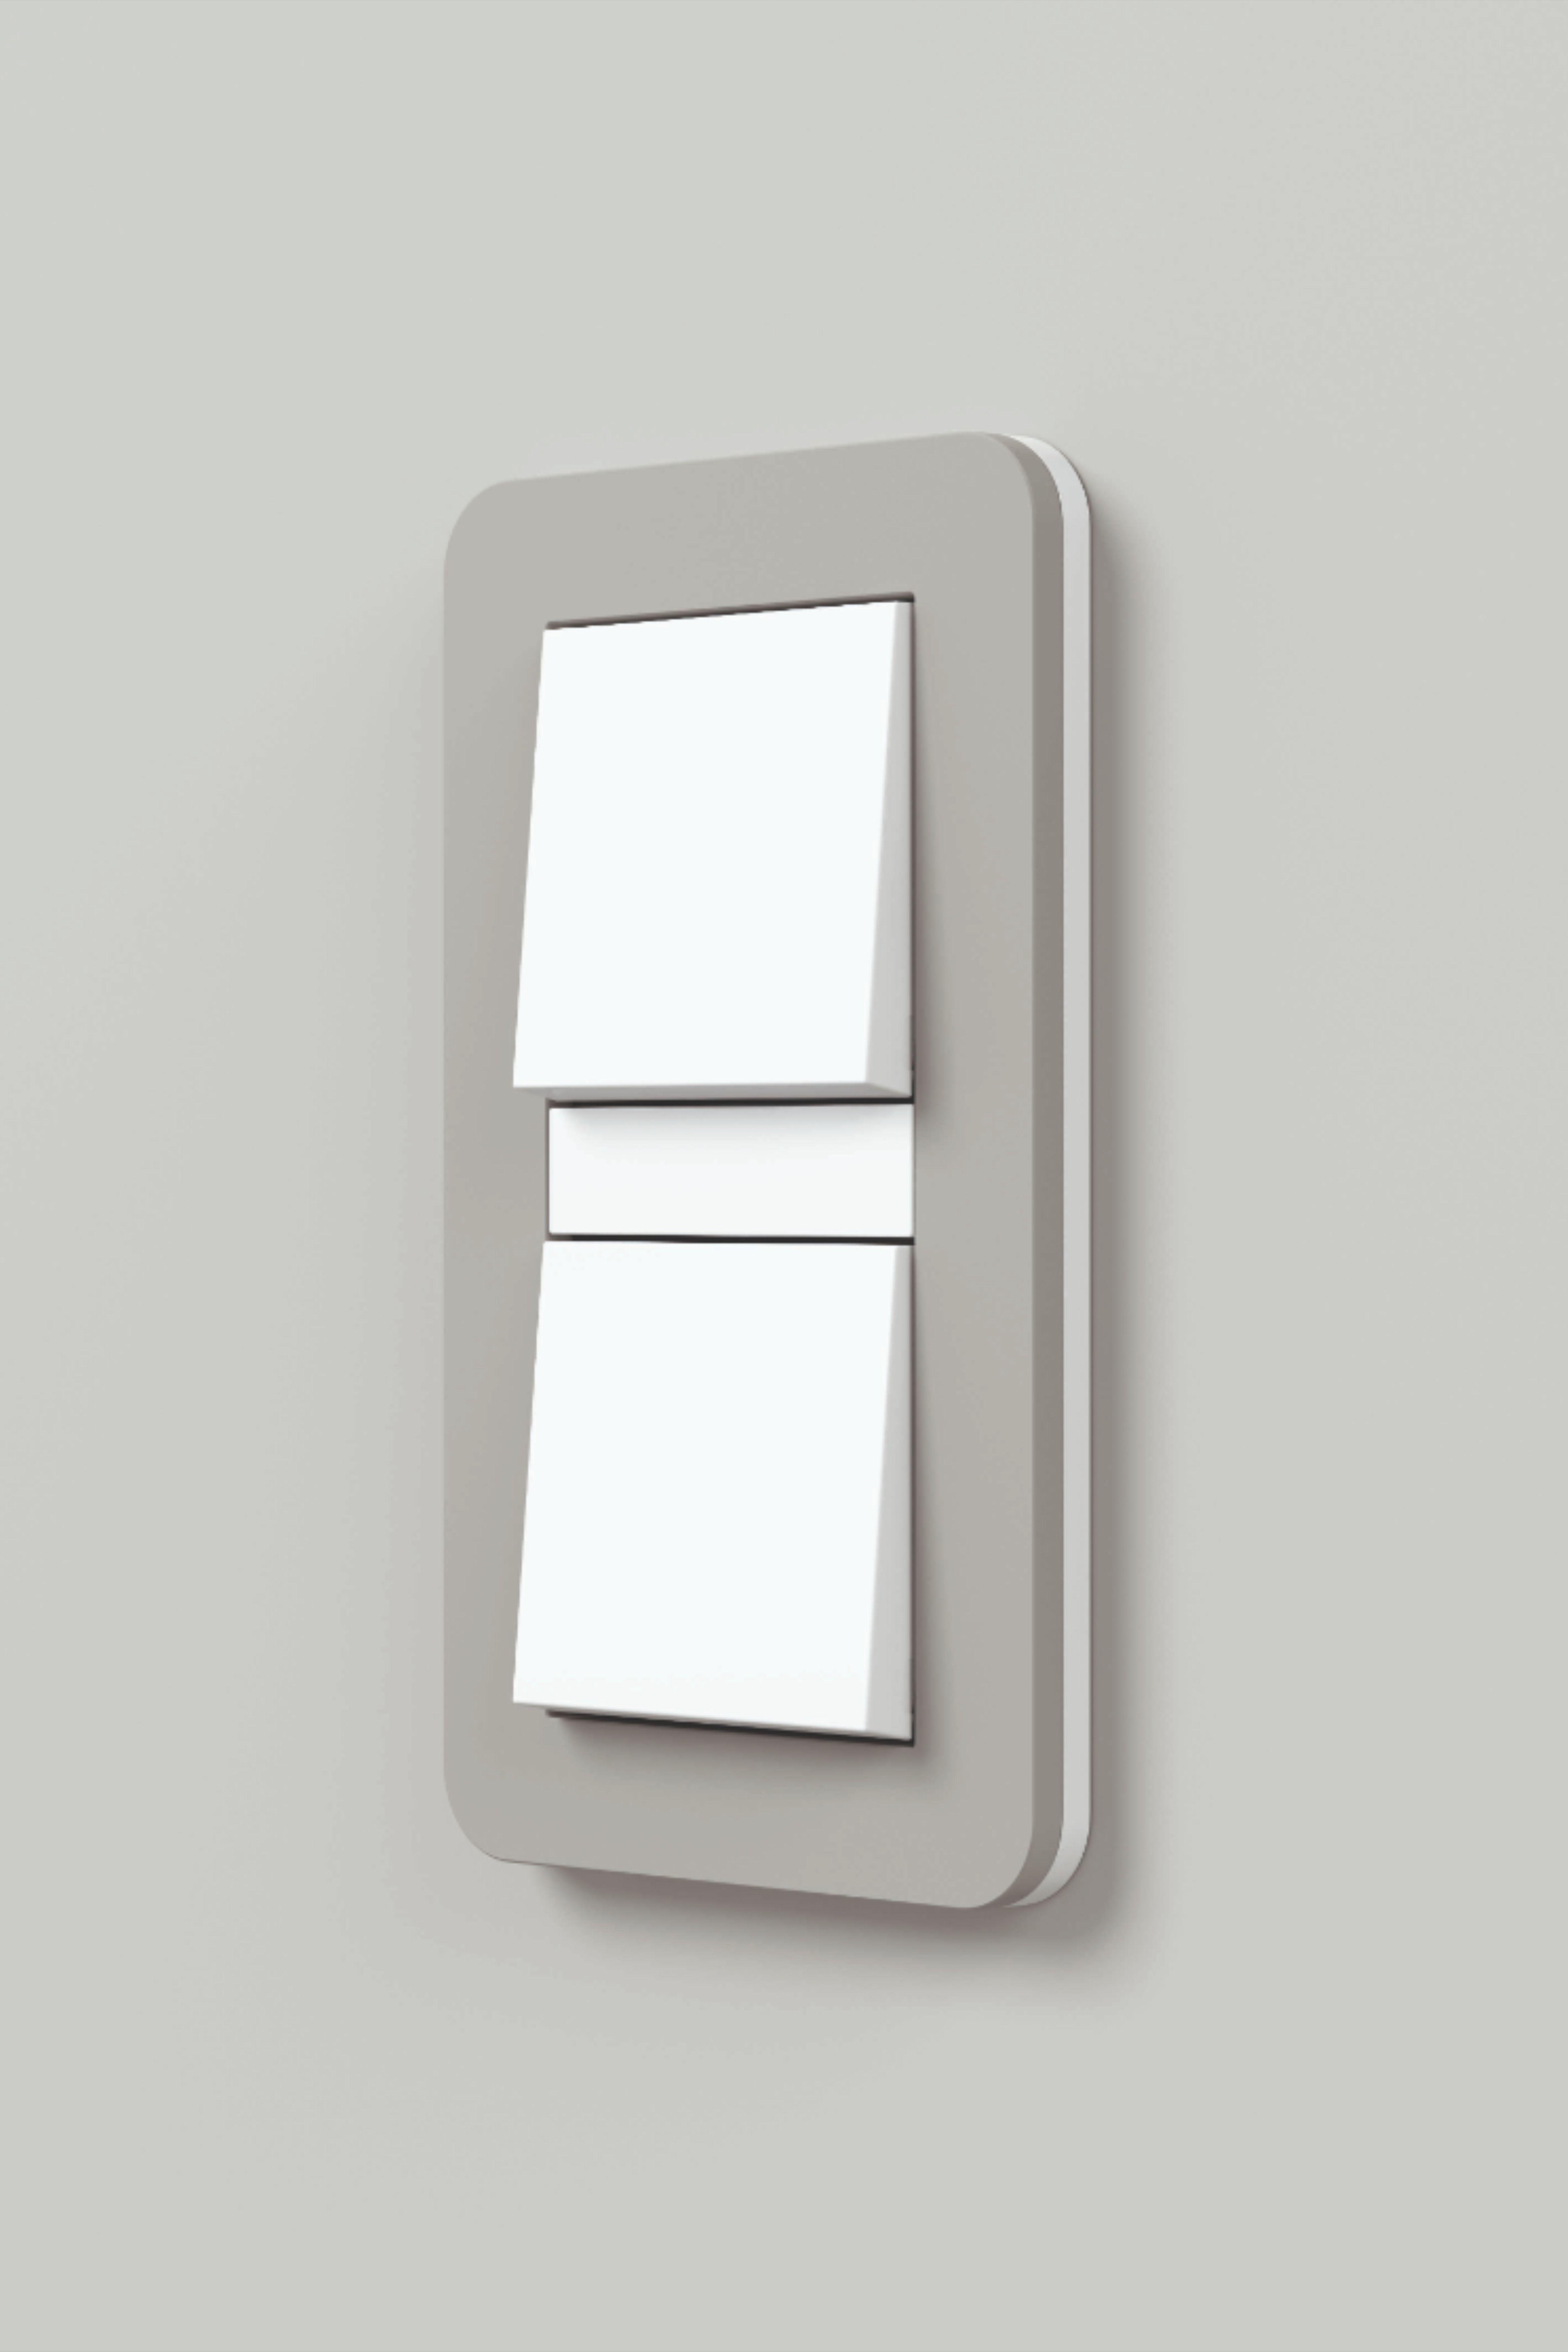 Akzente Fur Deine Wand Steckdosen Und Lichtschalter Lichtschalter Schalterprogramm